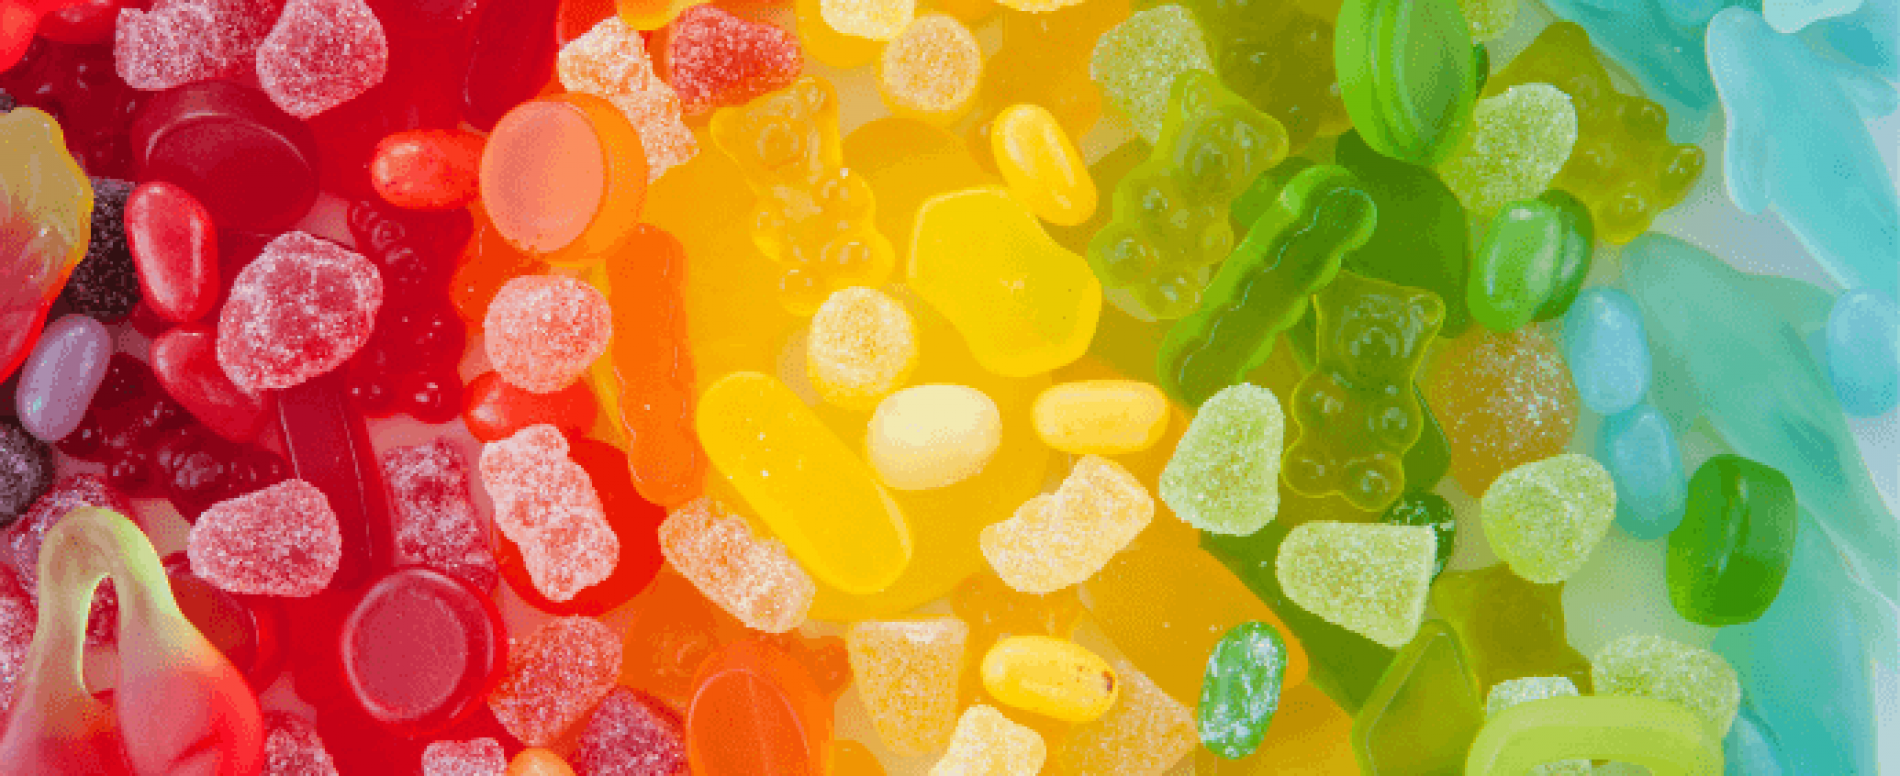 Assaggiatori di caramelle: con Perfetti Van Melle il mestiere dei sogni dei bambini